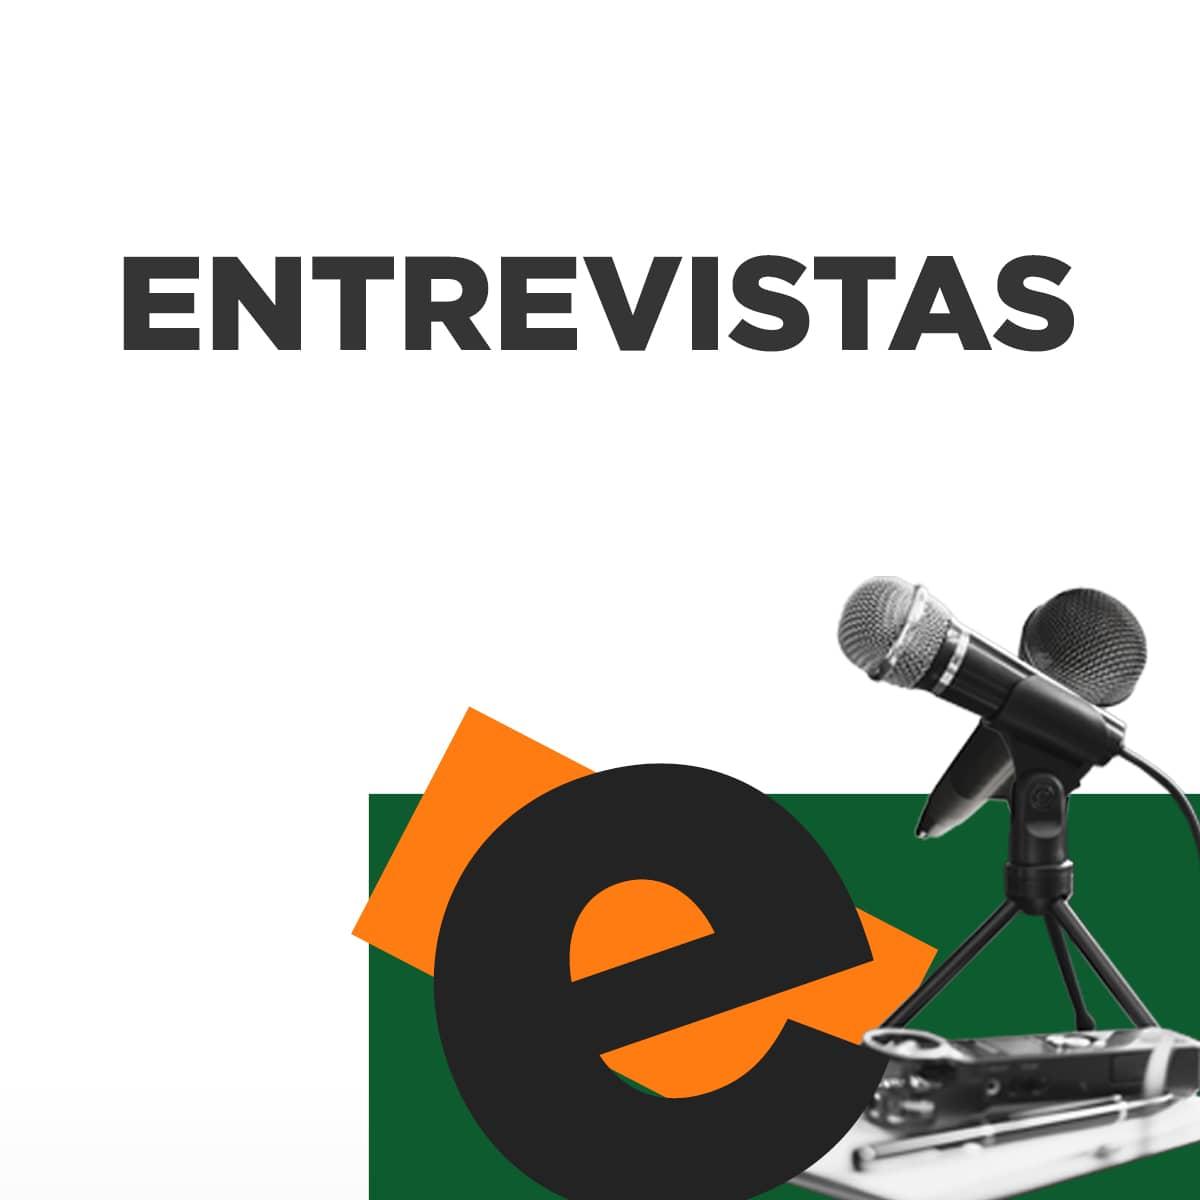 Entrevistas Egresados UDLAP